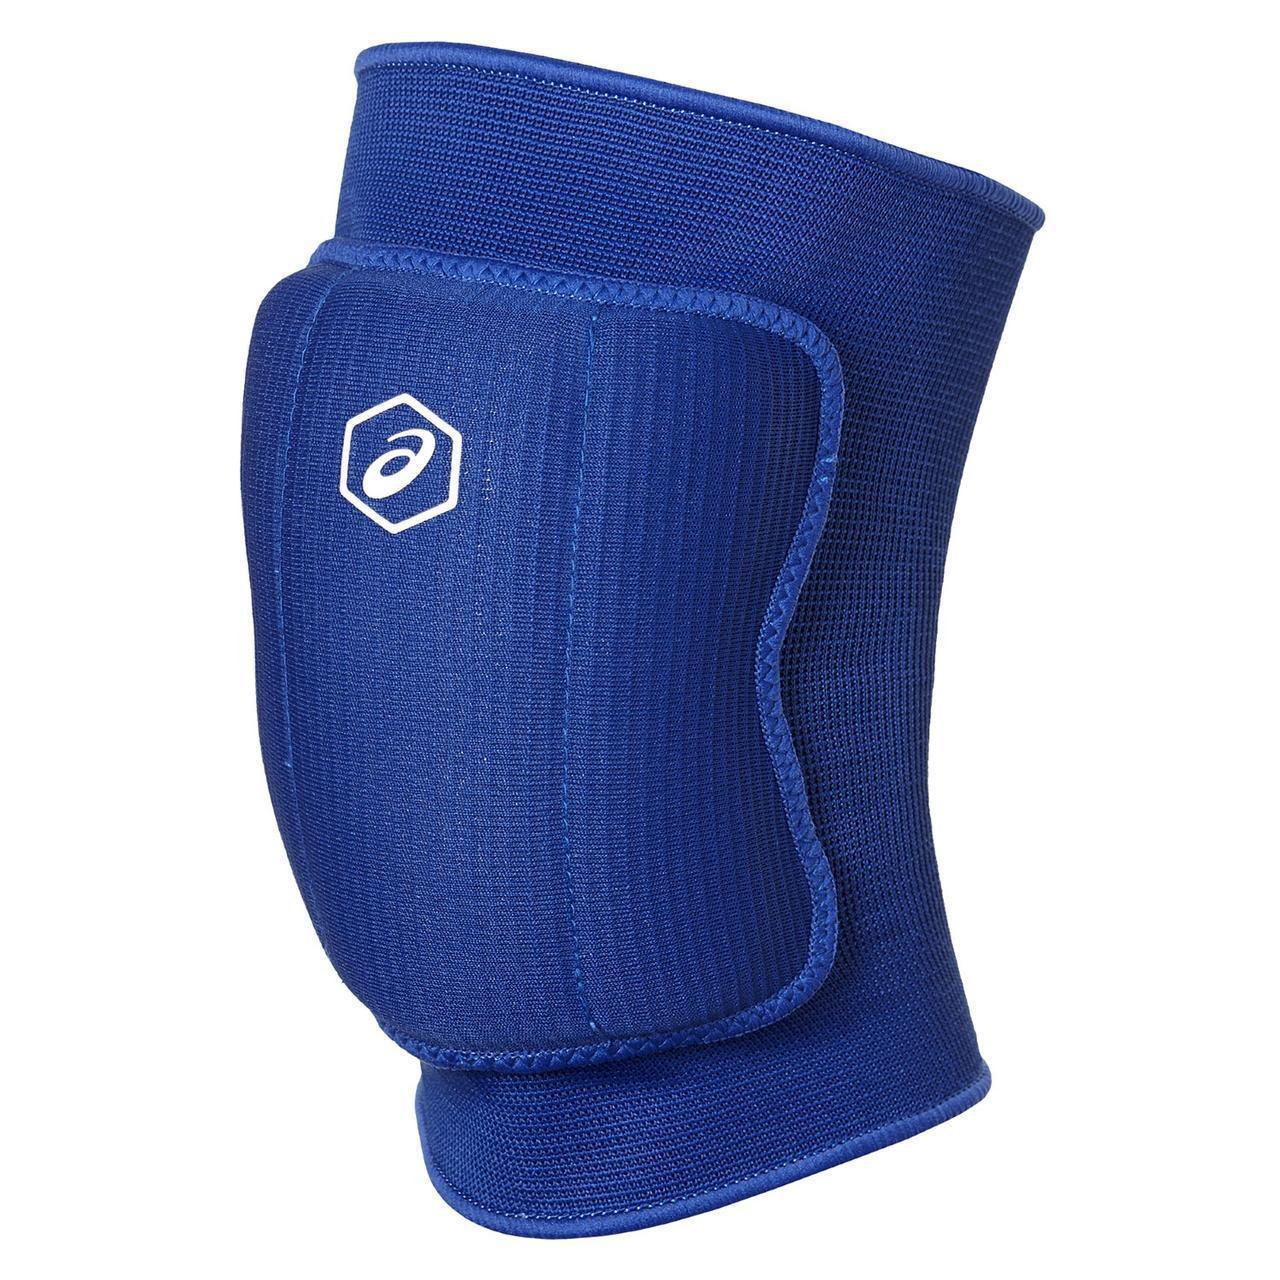 Наколенники волейбольние Asics Basic Kneepad 146814-0805 Синый Размер XL (8718837132482)